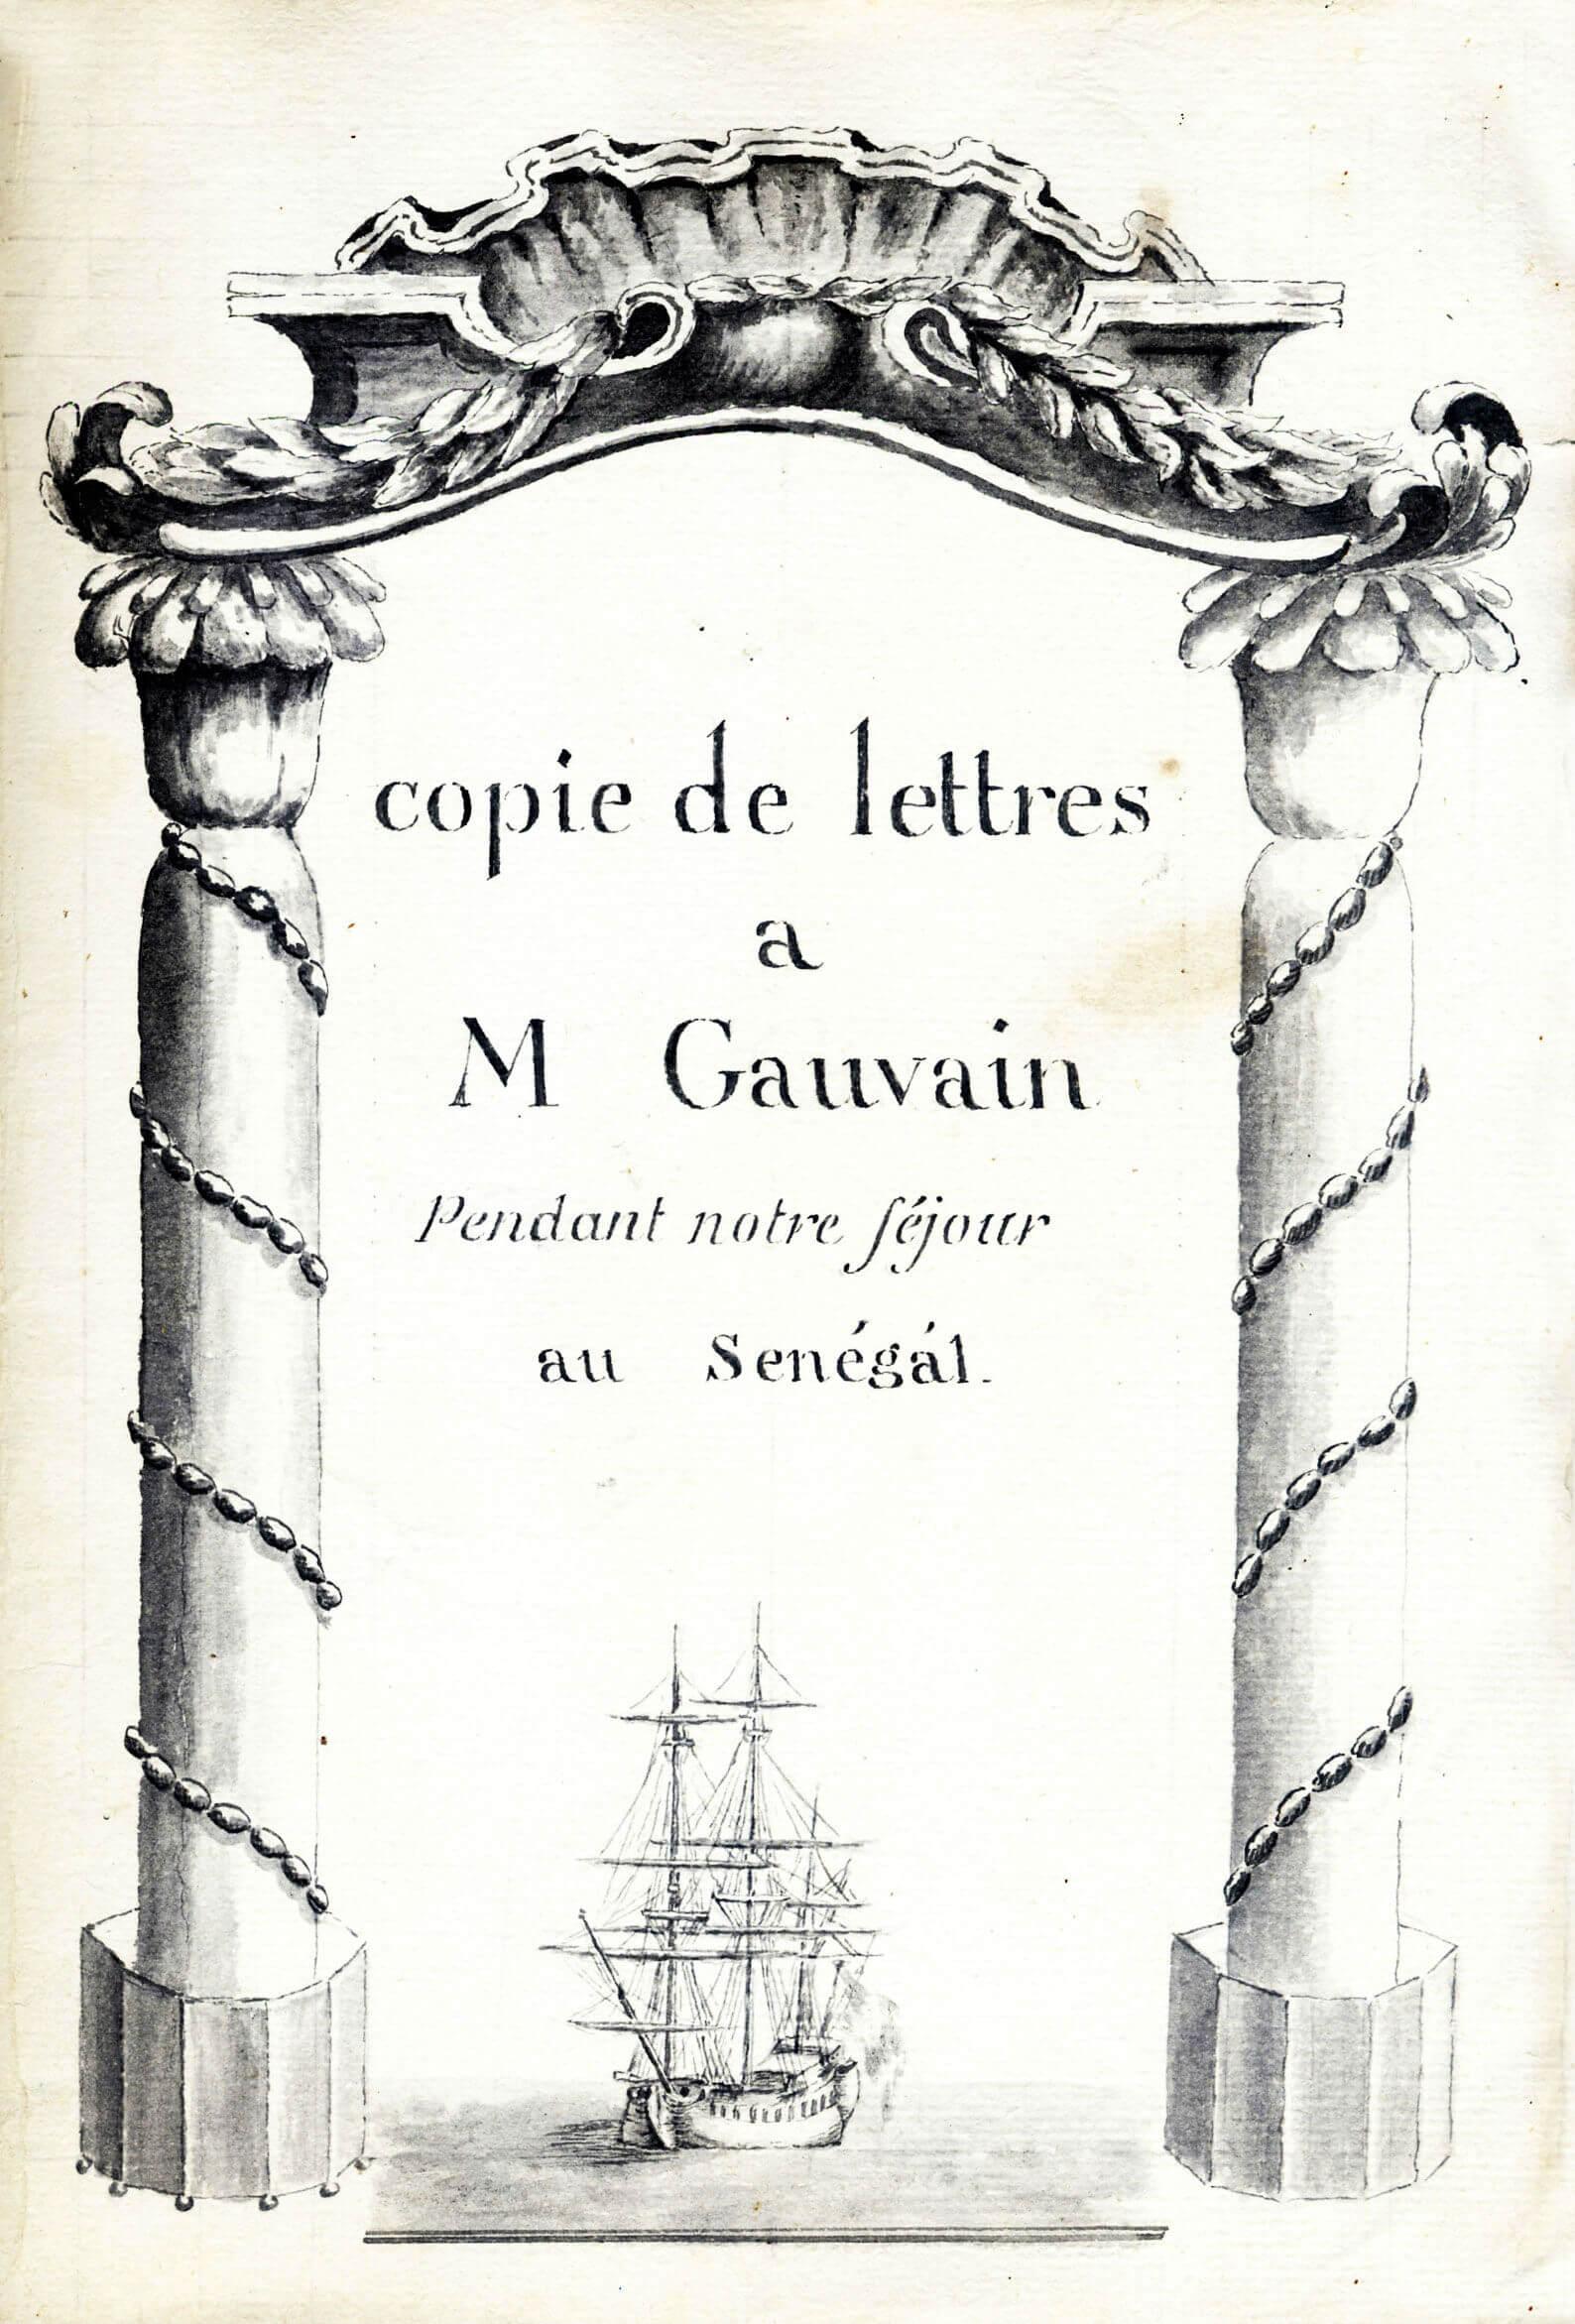 Correspondance entre le capitaine et son second durant les opérations de traite de La Reine de Podor